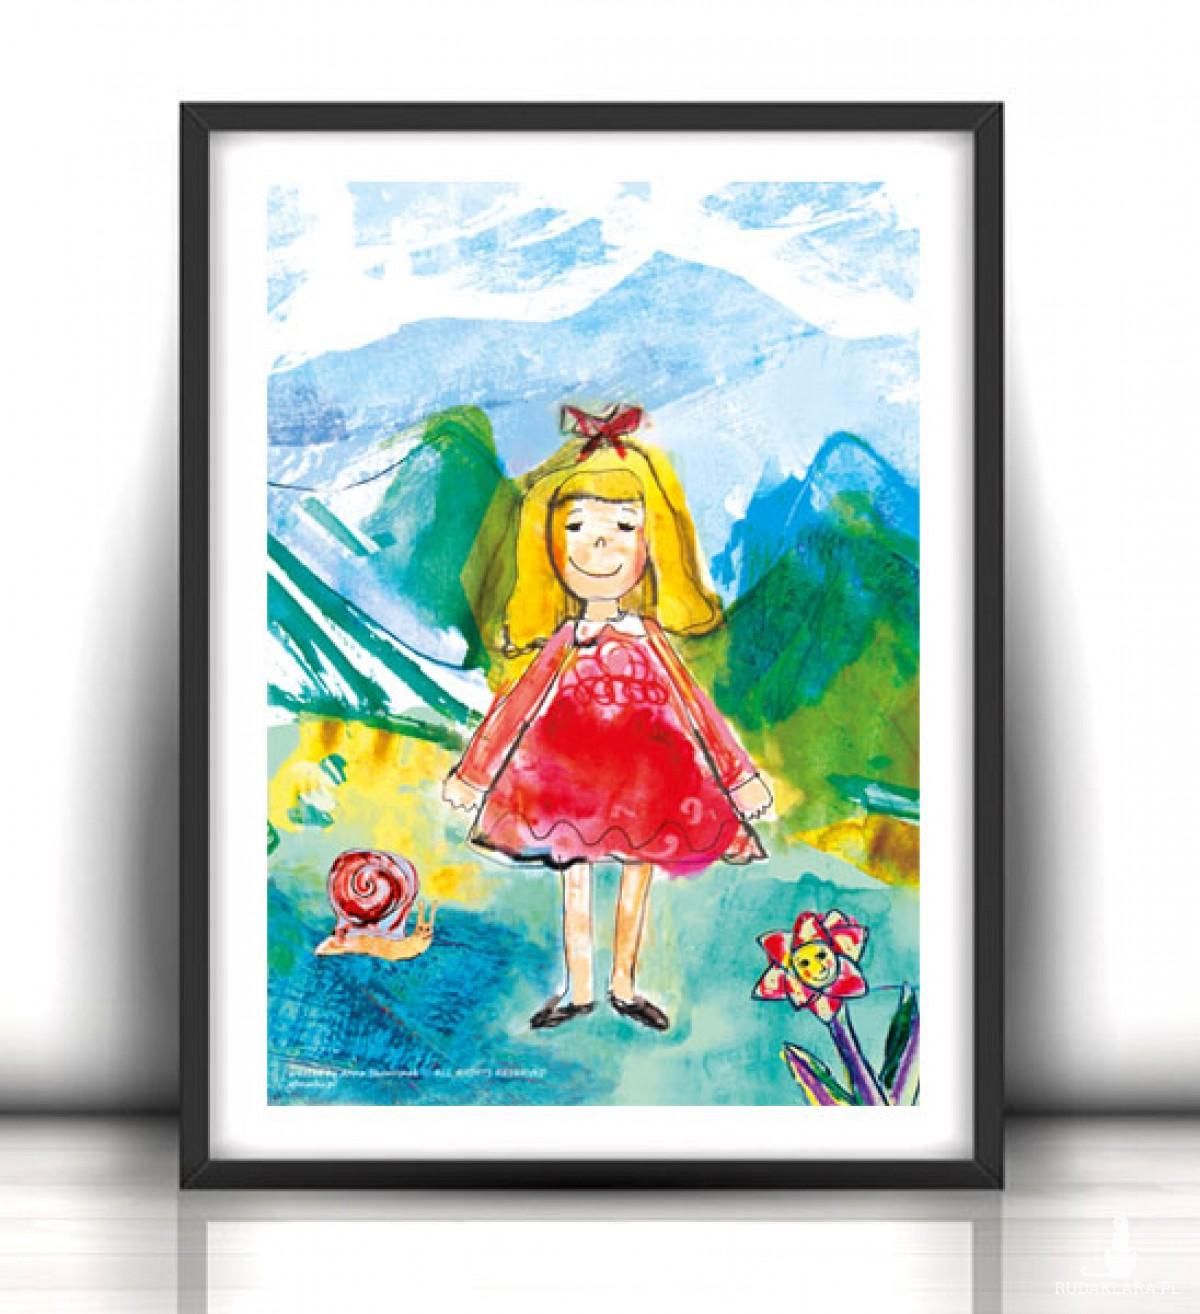 dziewczynka plakat na ścianę, ładny obrazek dla dziewczynki, grafika do pokoju dziewczynki